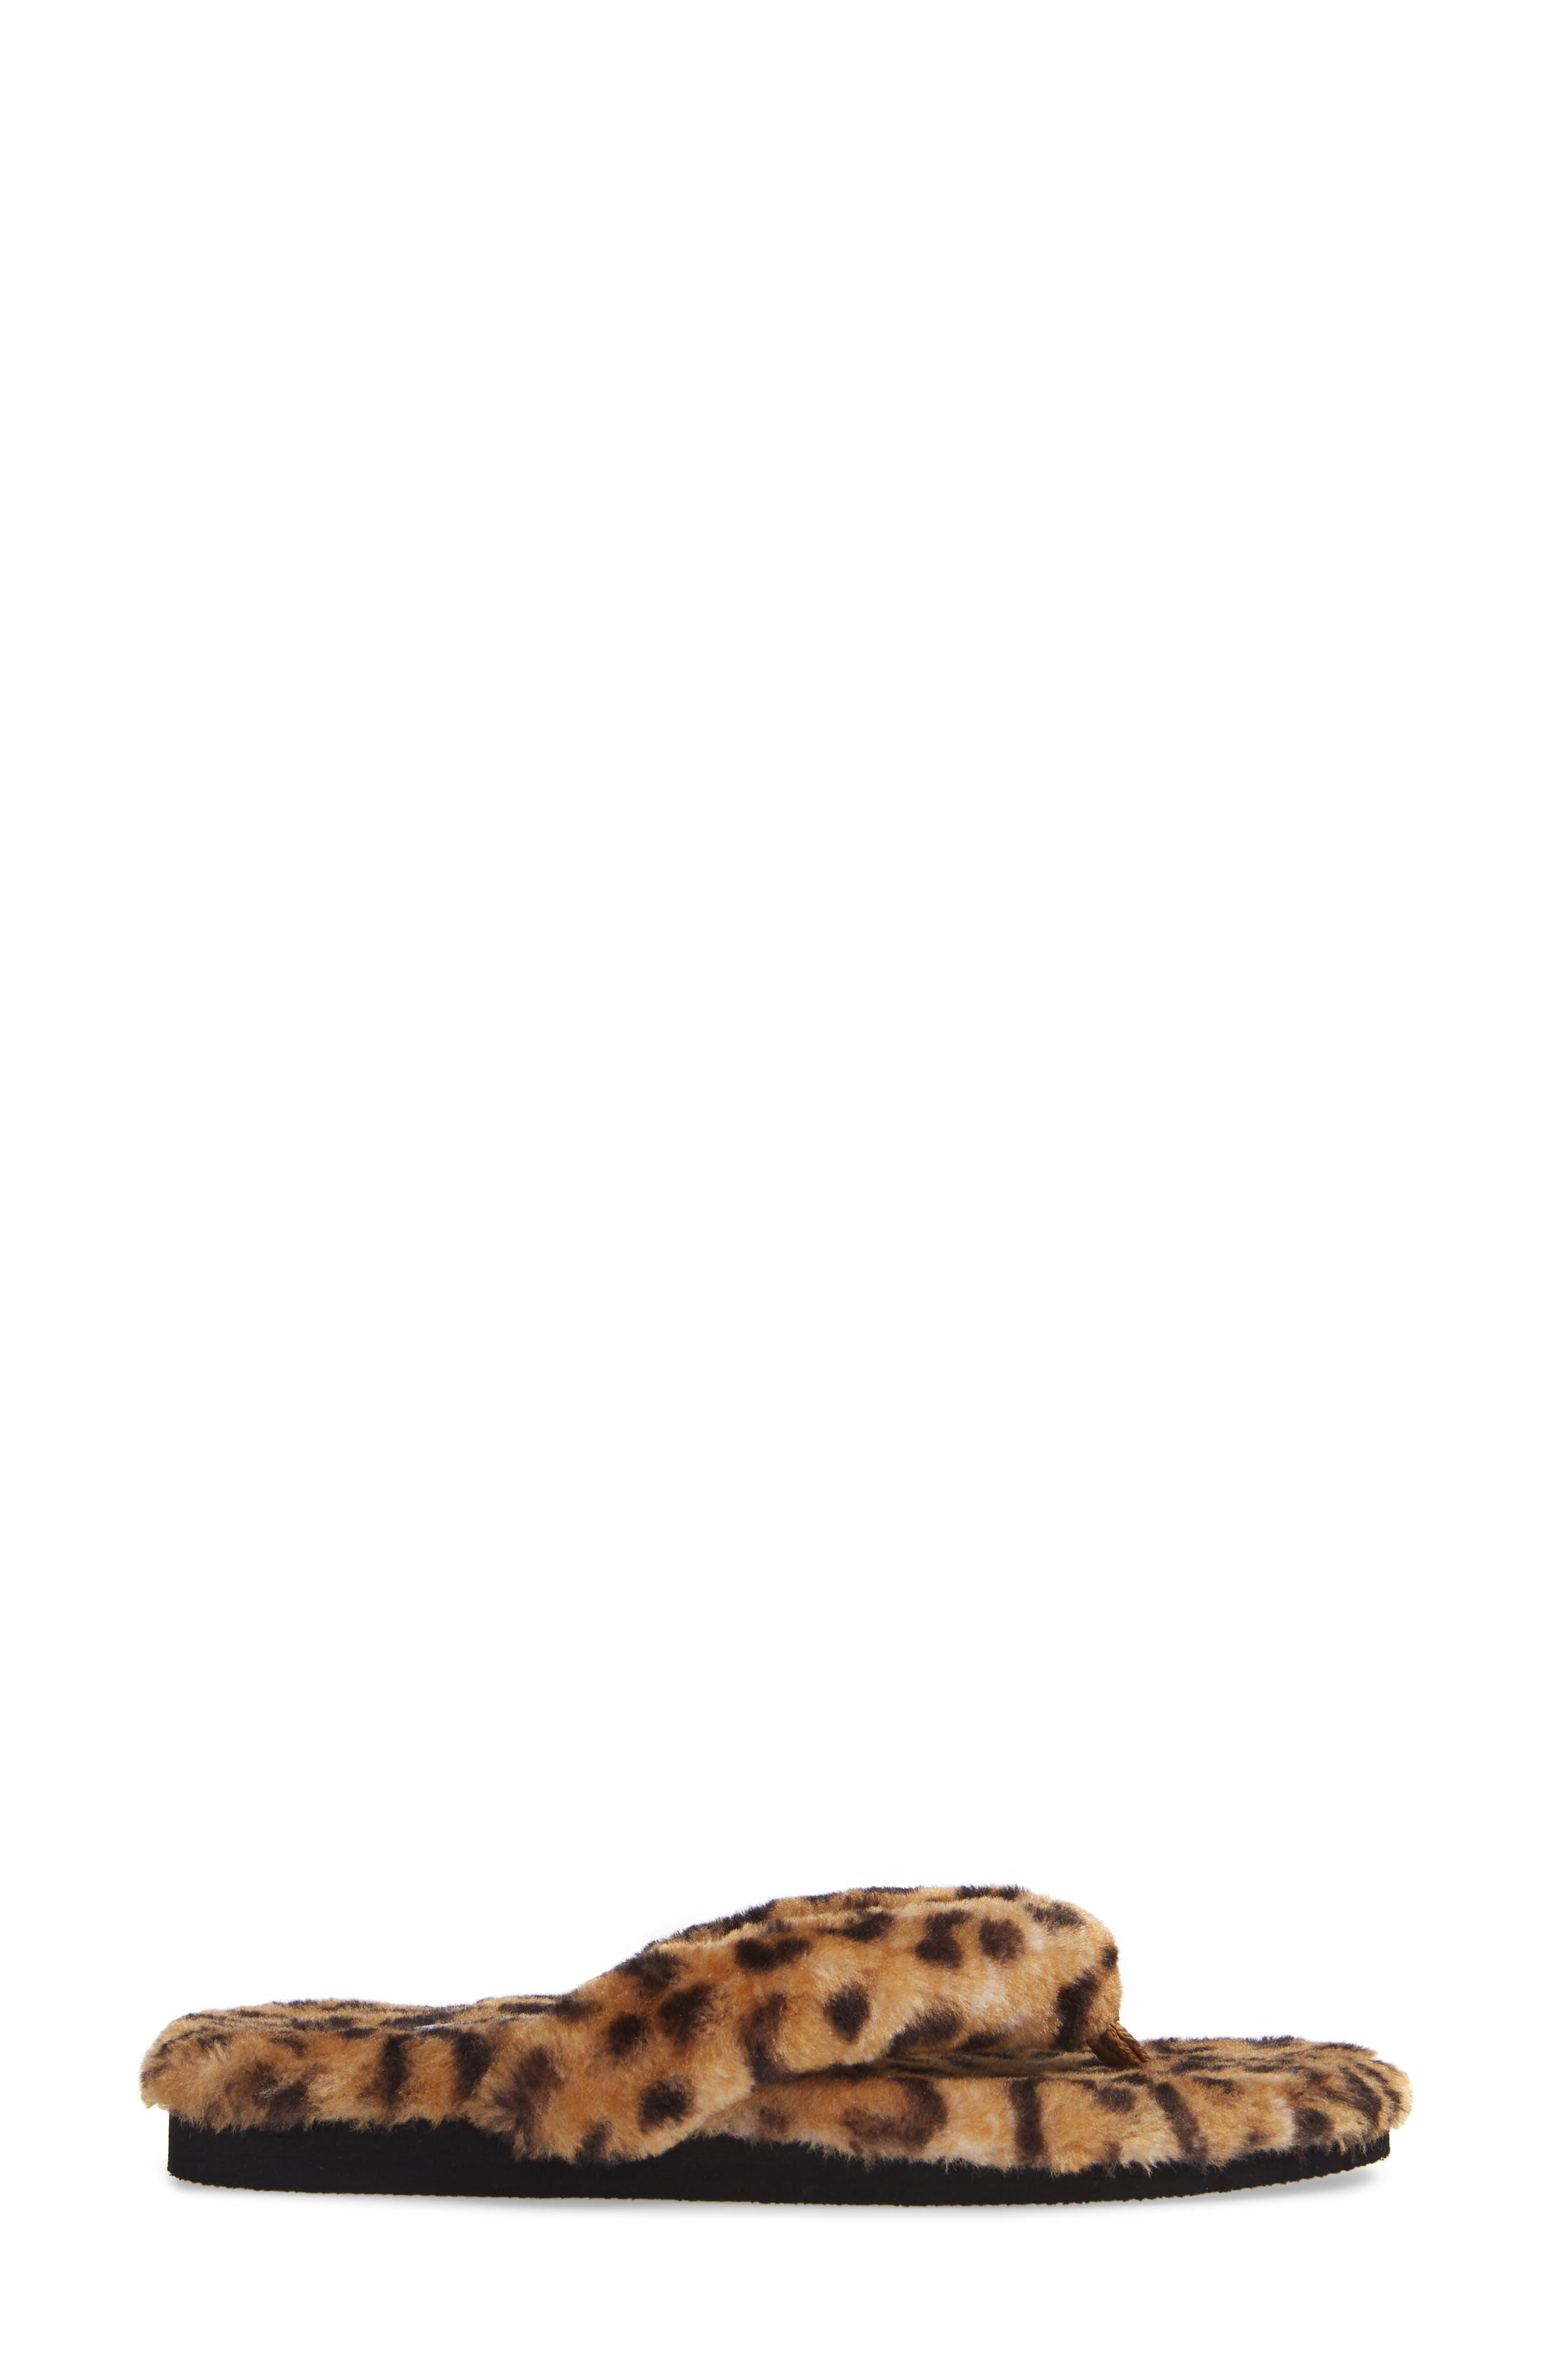 Faux Fur Slipper Bundle Set,                             Alternate thumbnail 3, color,                             200